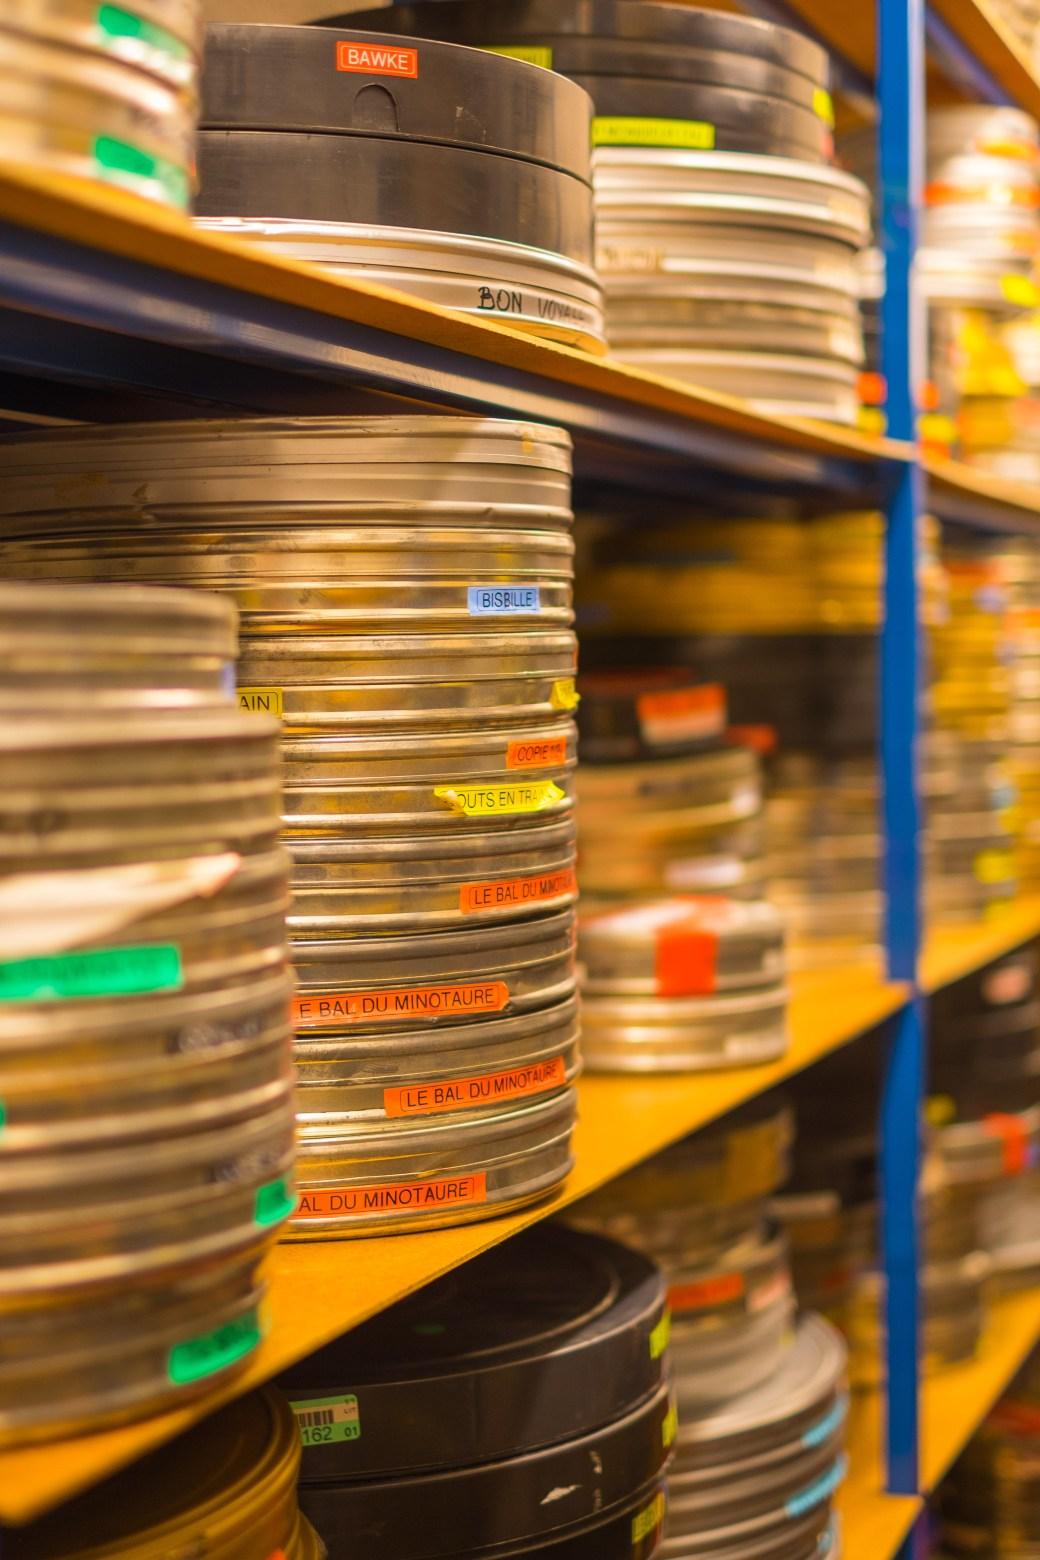 003-film-library-sauve-qui-peut-le-court-metrage